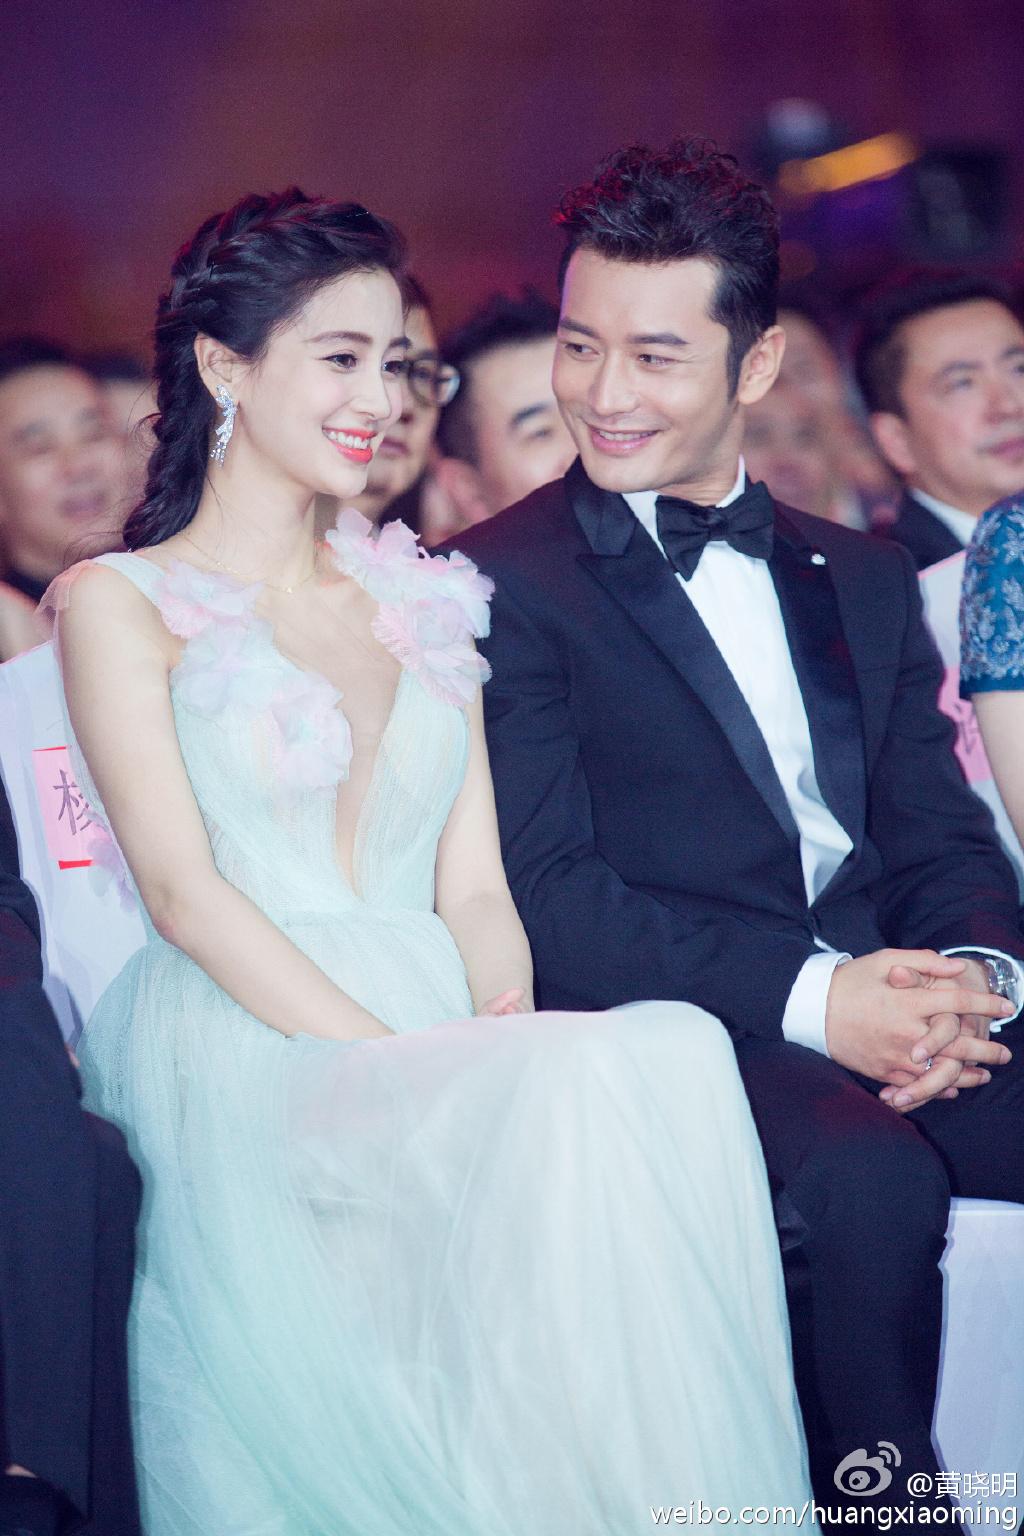 Thái độ cùng câu nói bất thường của Huỳnh Hiểu Minh dấy lên tin đồn trục trặc hôn nhân với Angelababy - Ảnh 4